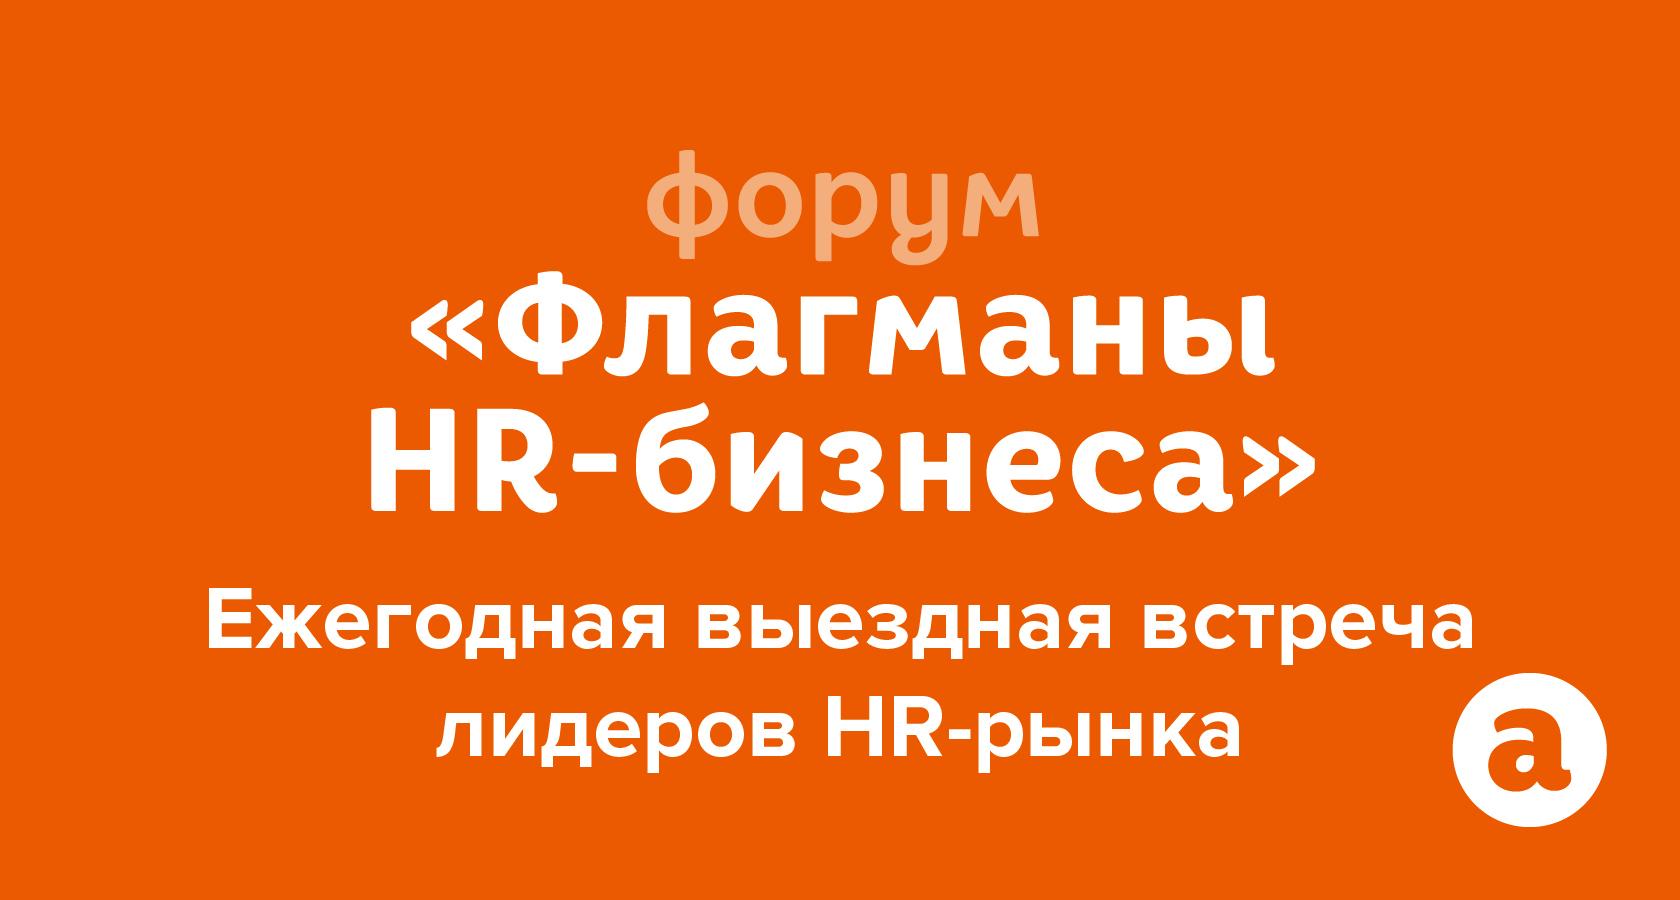 Идеи бизнеса hr открытие фирмы налоги